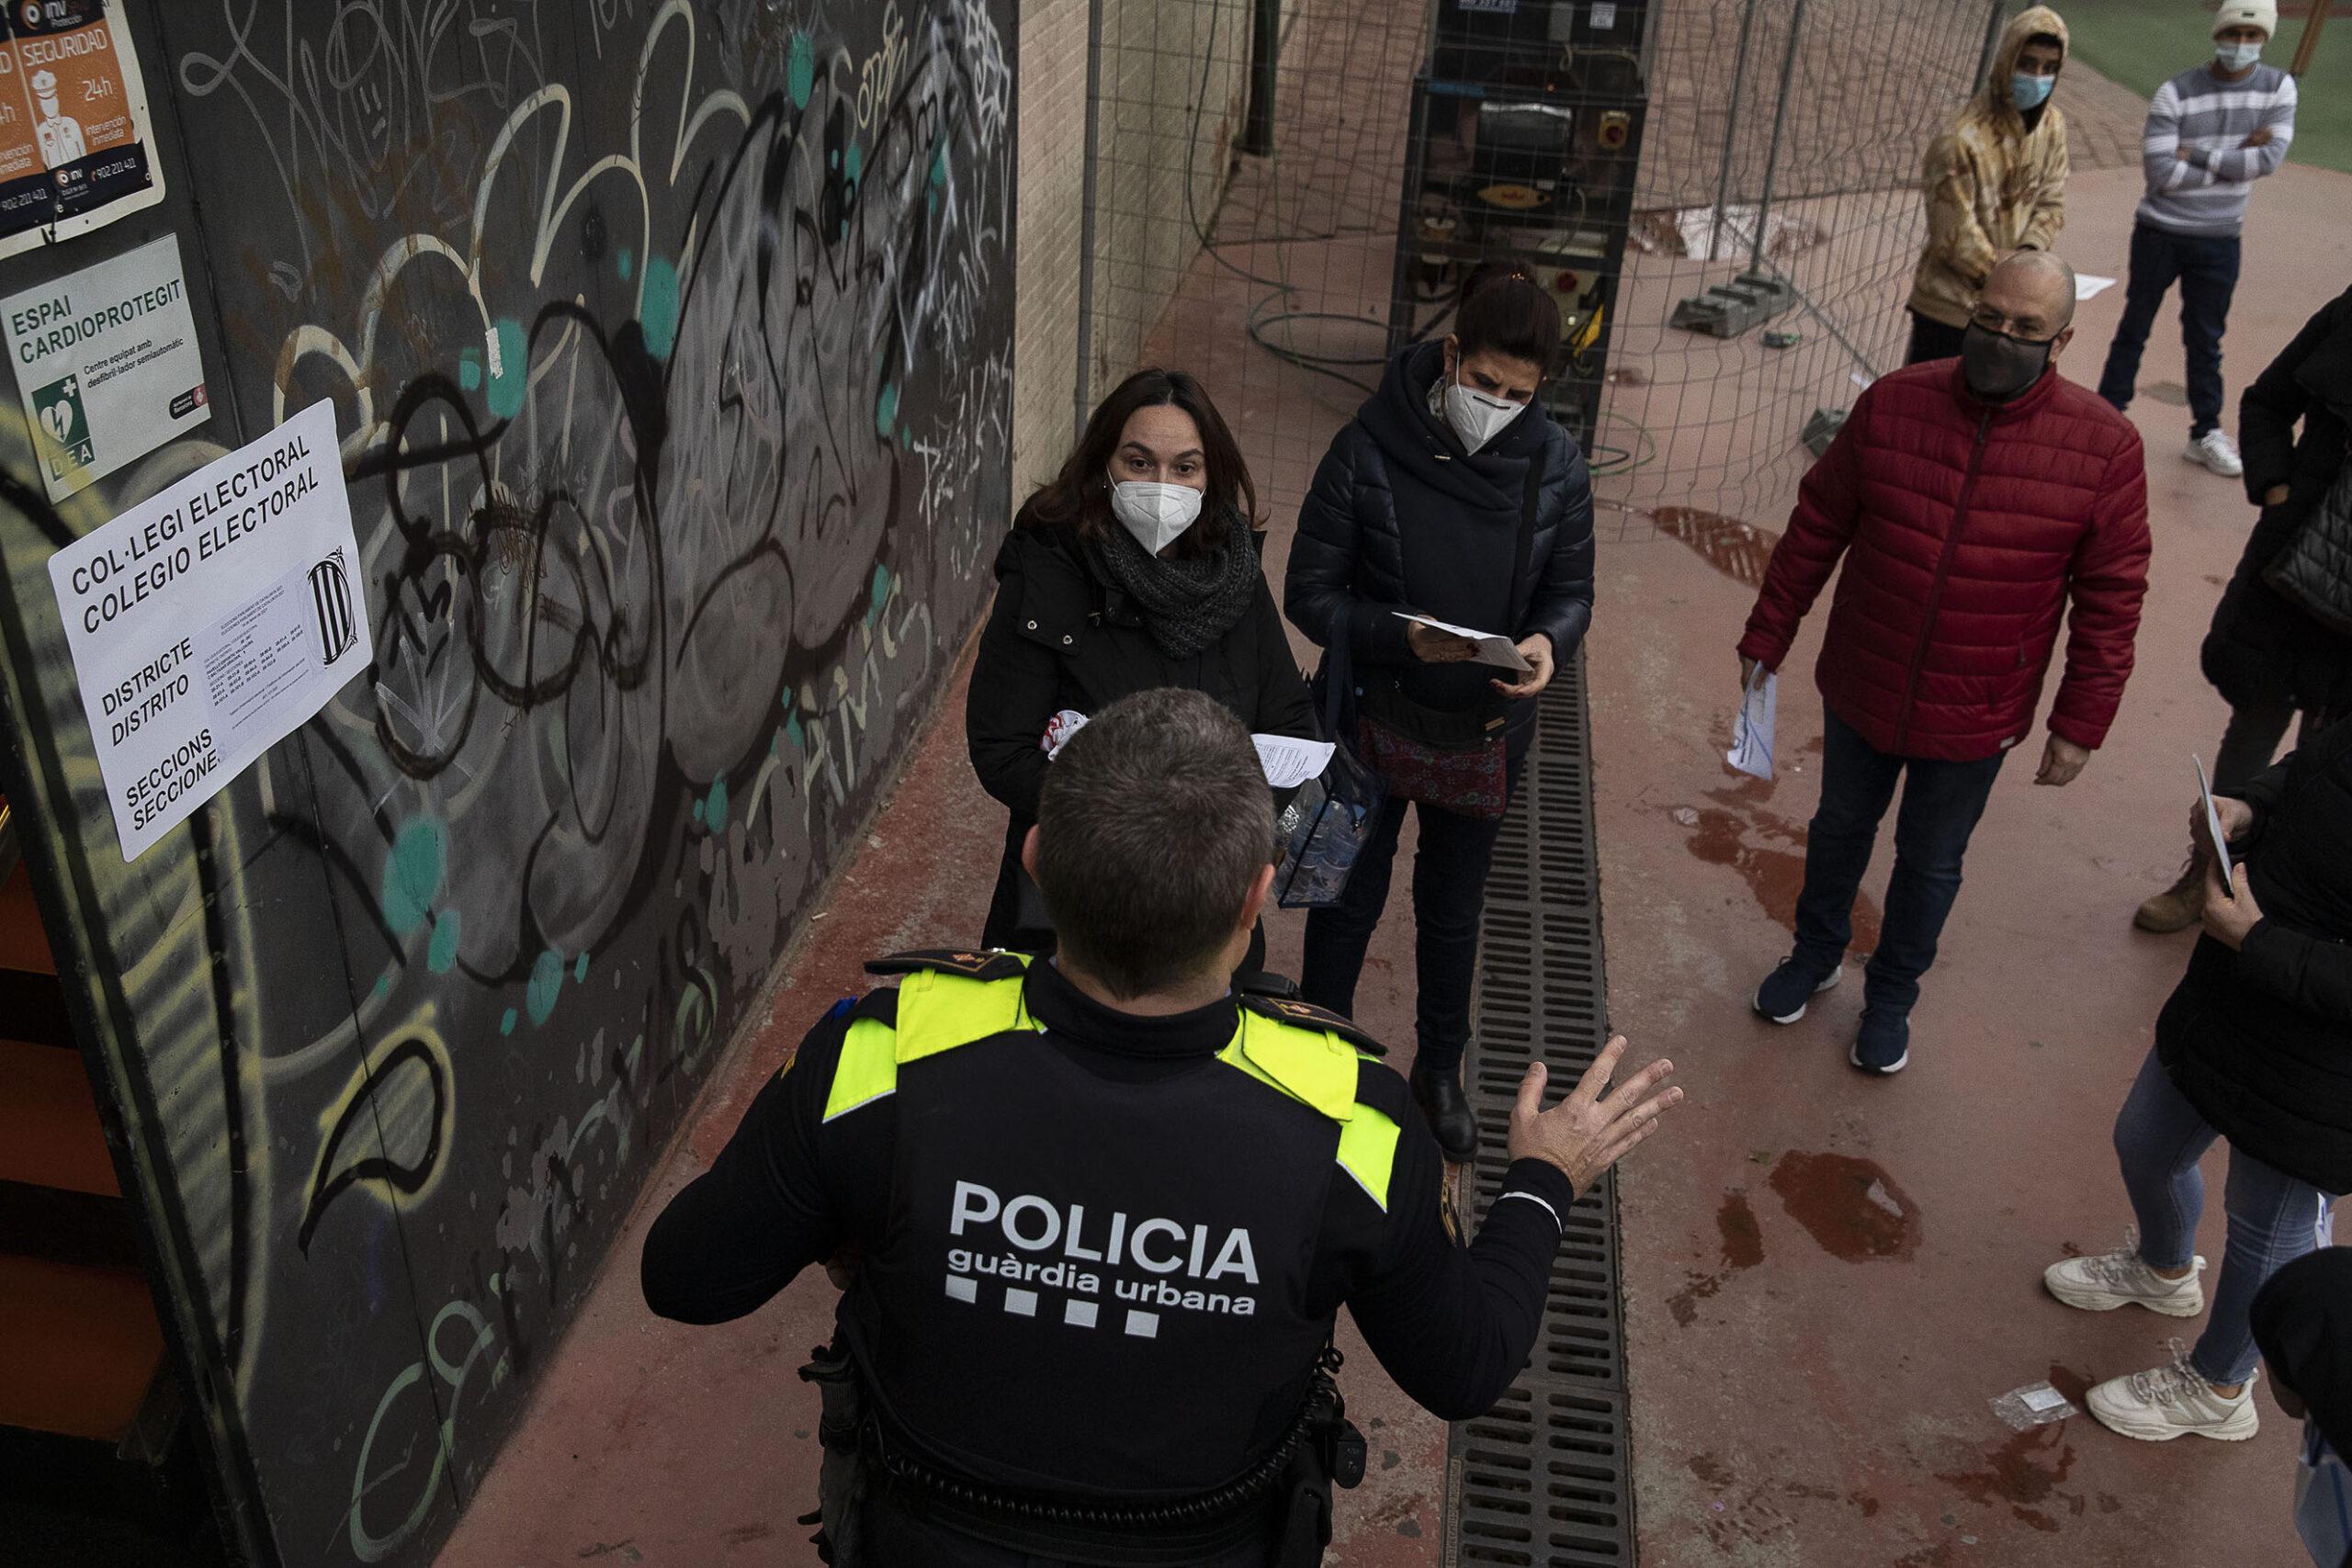 Persones en un col·legi electoral / Jordi Play